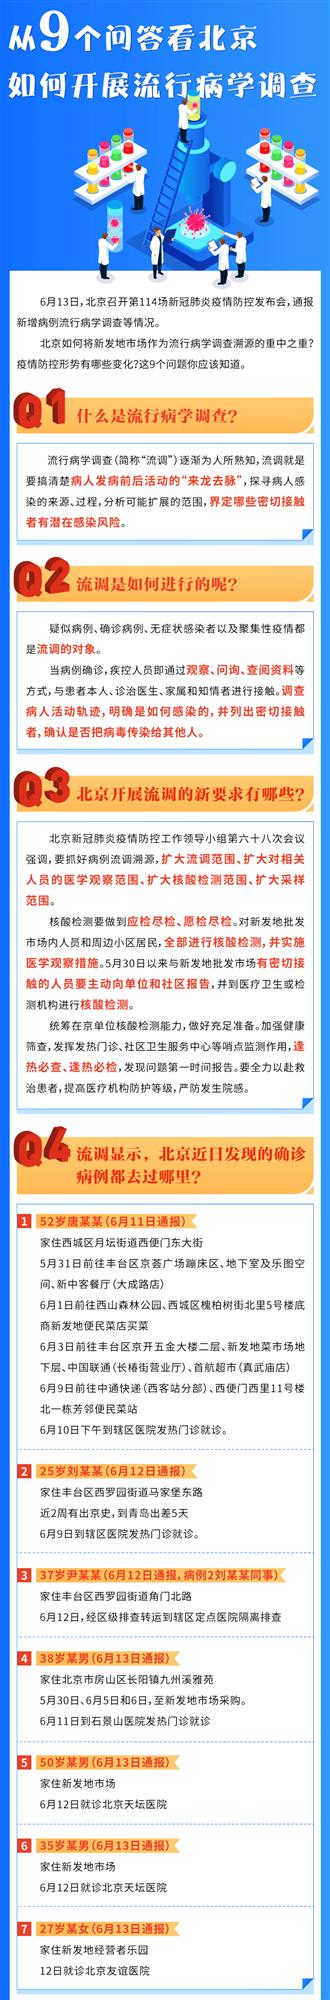 「摩天测速」解|从9个问答看摩天测速北京如何开展图片